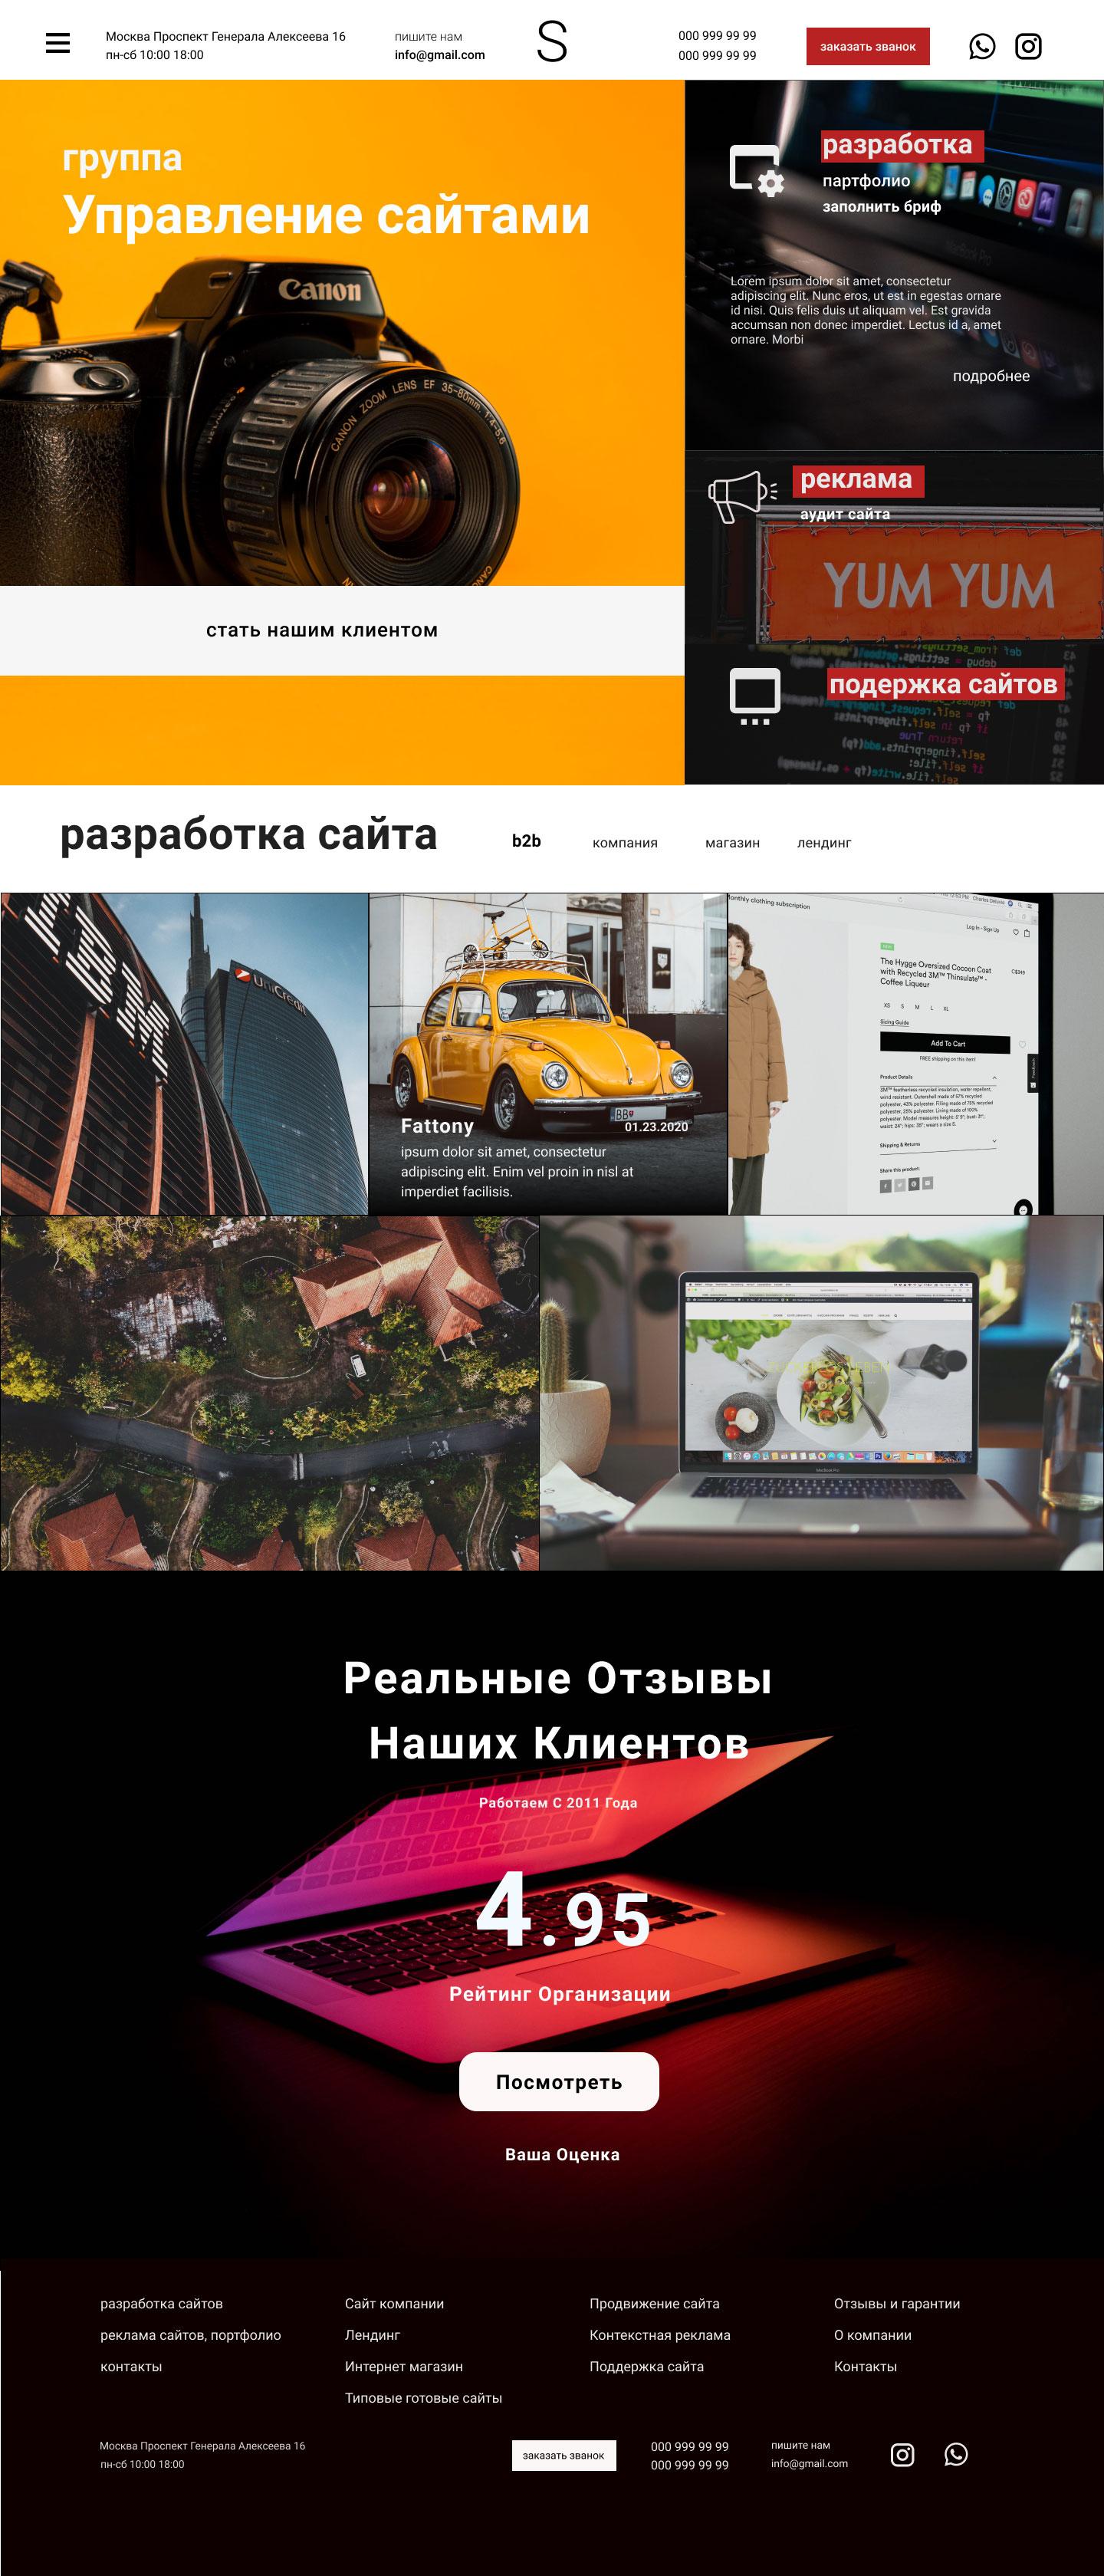 Сделать макет главной страницы сайта веб студии фото f_5215f5a2f5d15c29.jpg